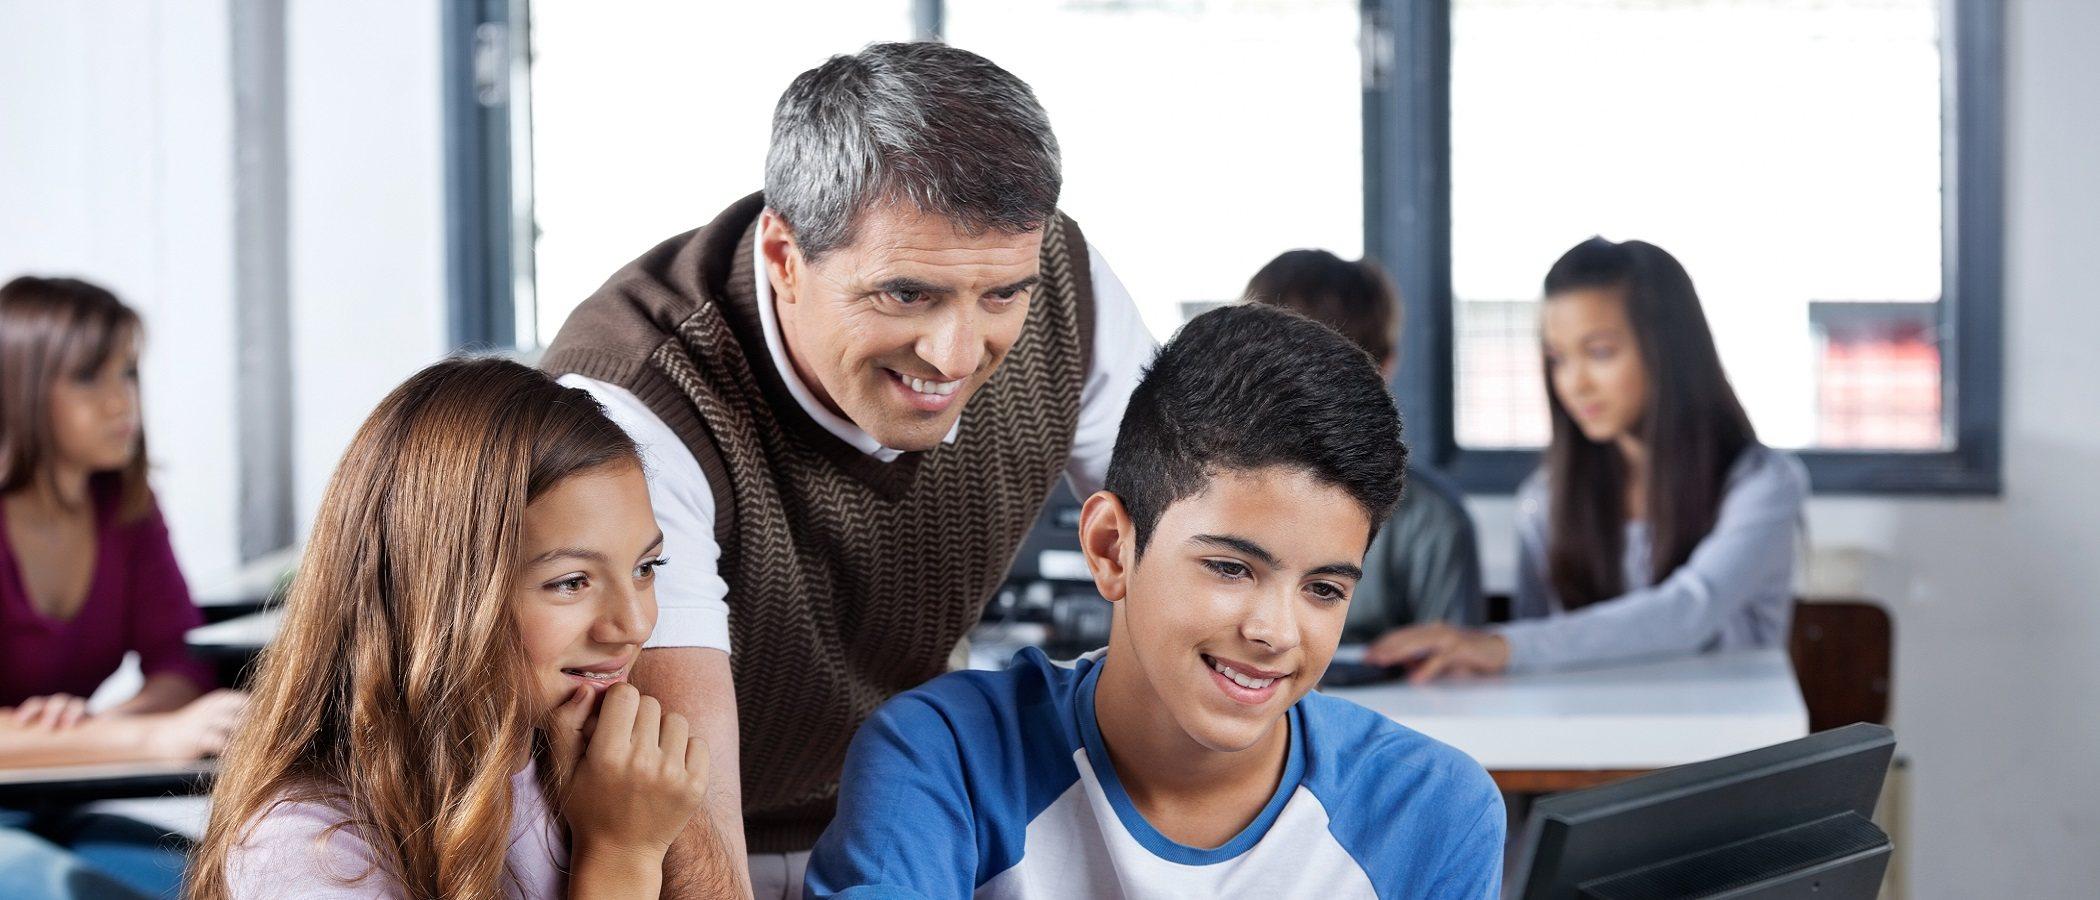 ¿Los profesionales educativos minimizan el impacto del acoso escolar?